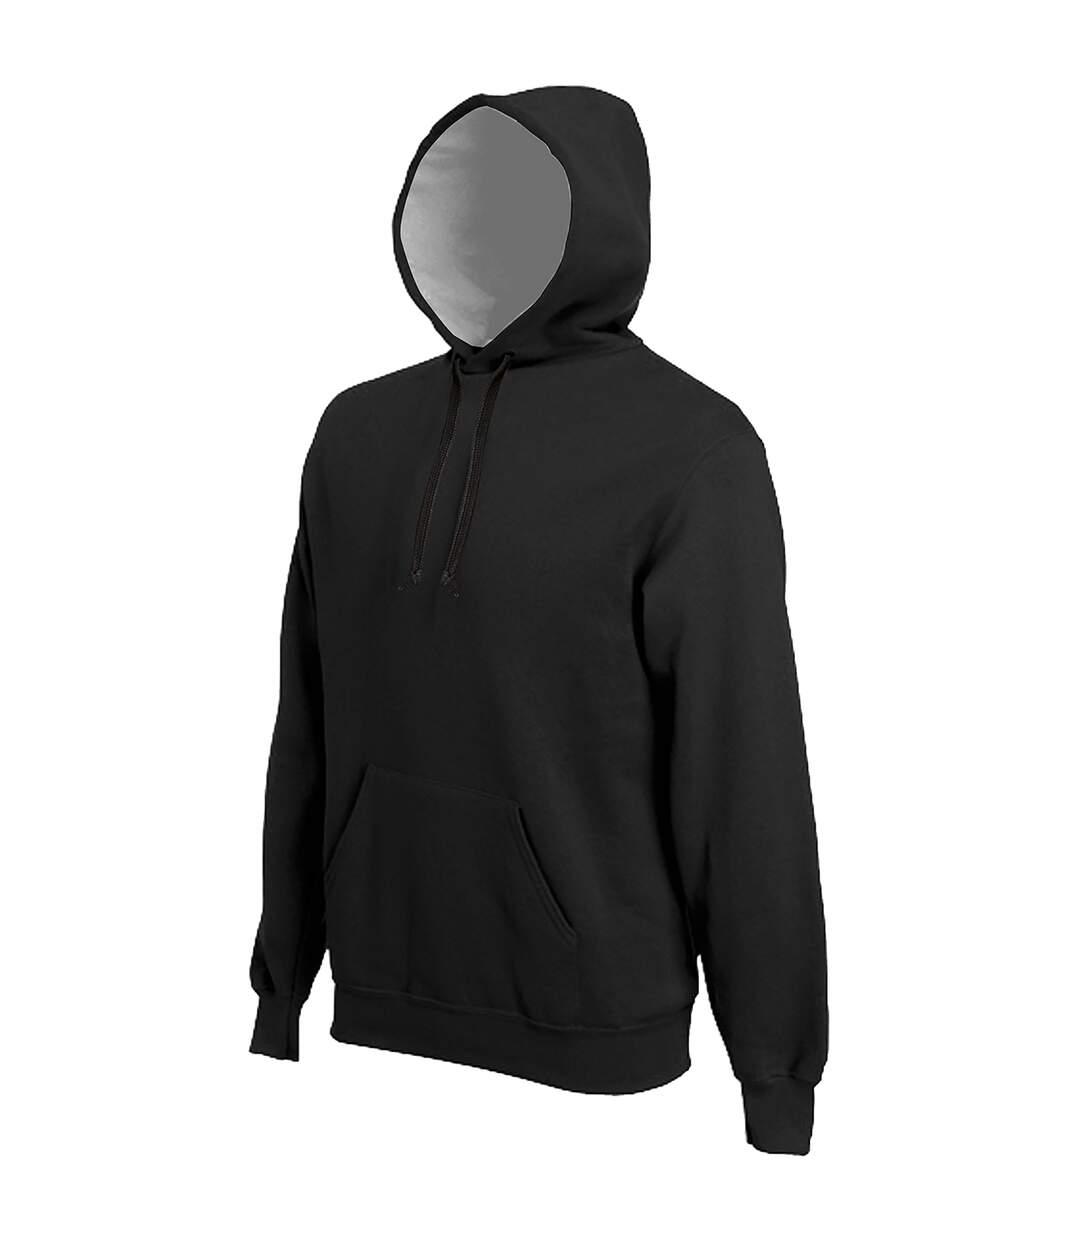 Kariban Mens Heavy Contrast Hooded Sweatshirt / Hoodie (Black) - UTRW717